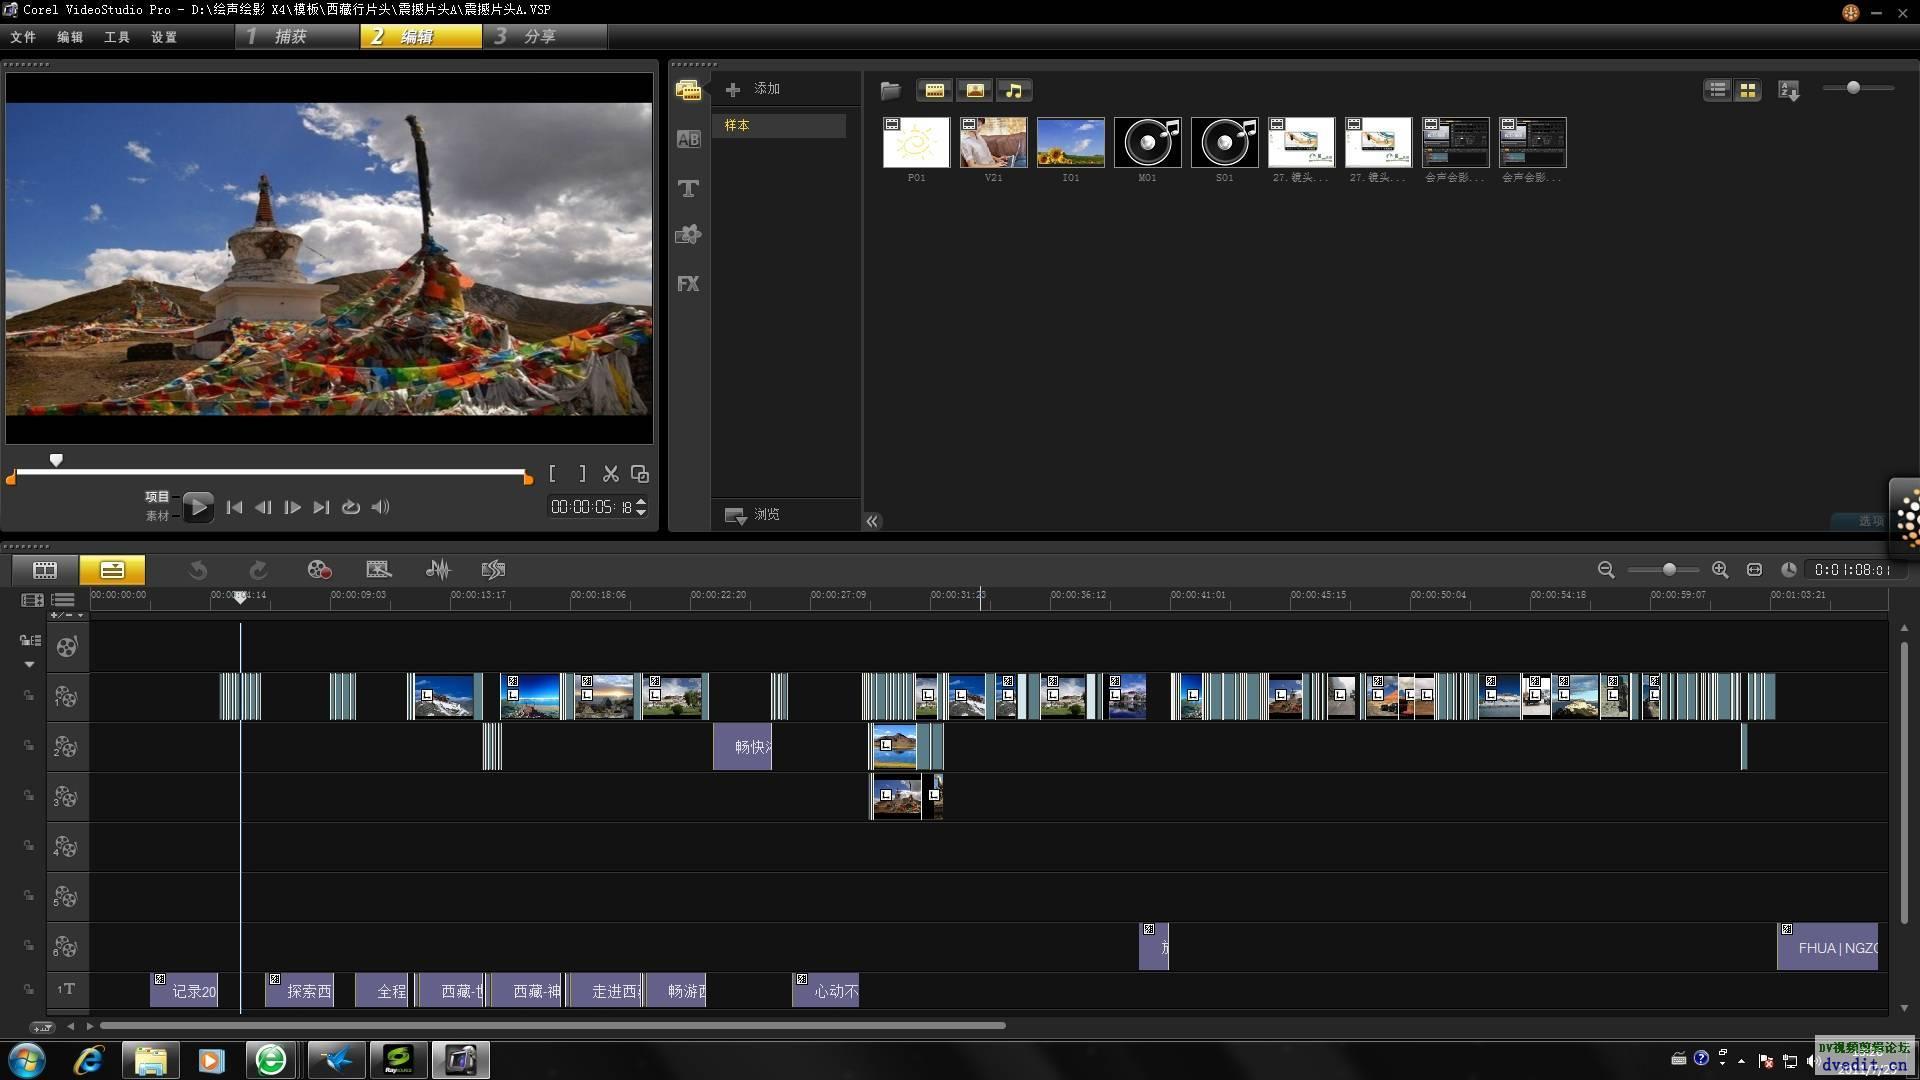 深夜干货:如何学会视频剪辑?